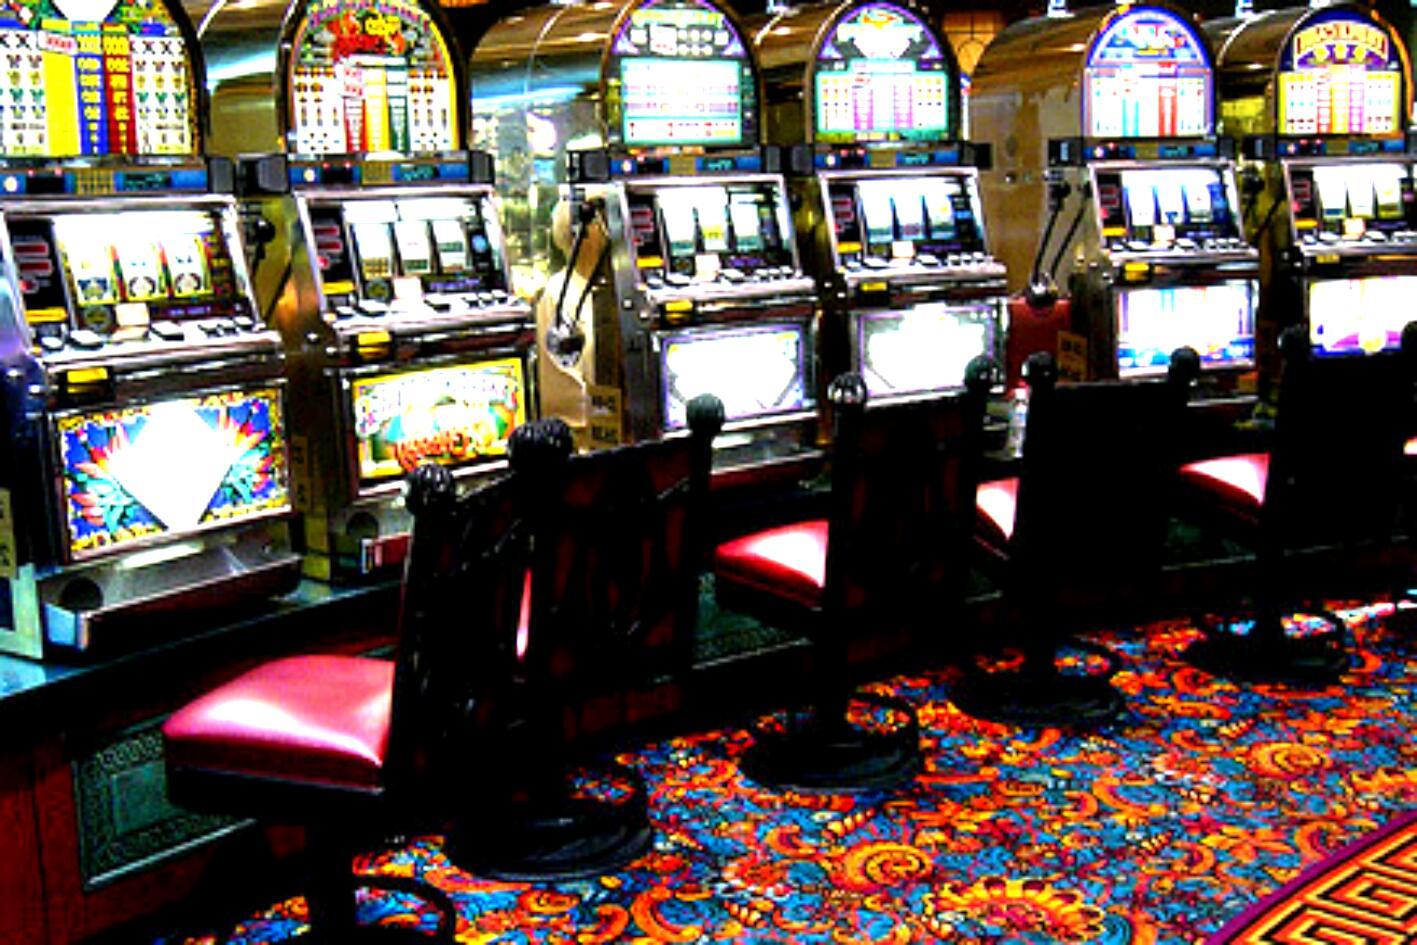 игровые автоматы без регистрации беплатно